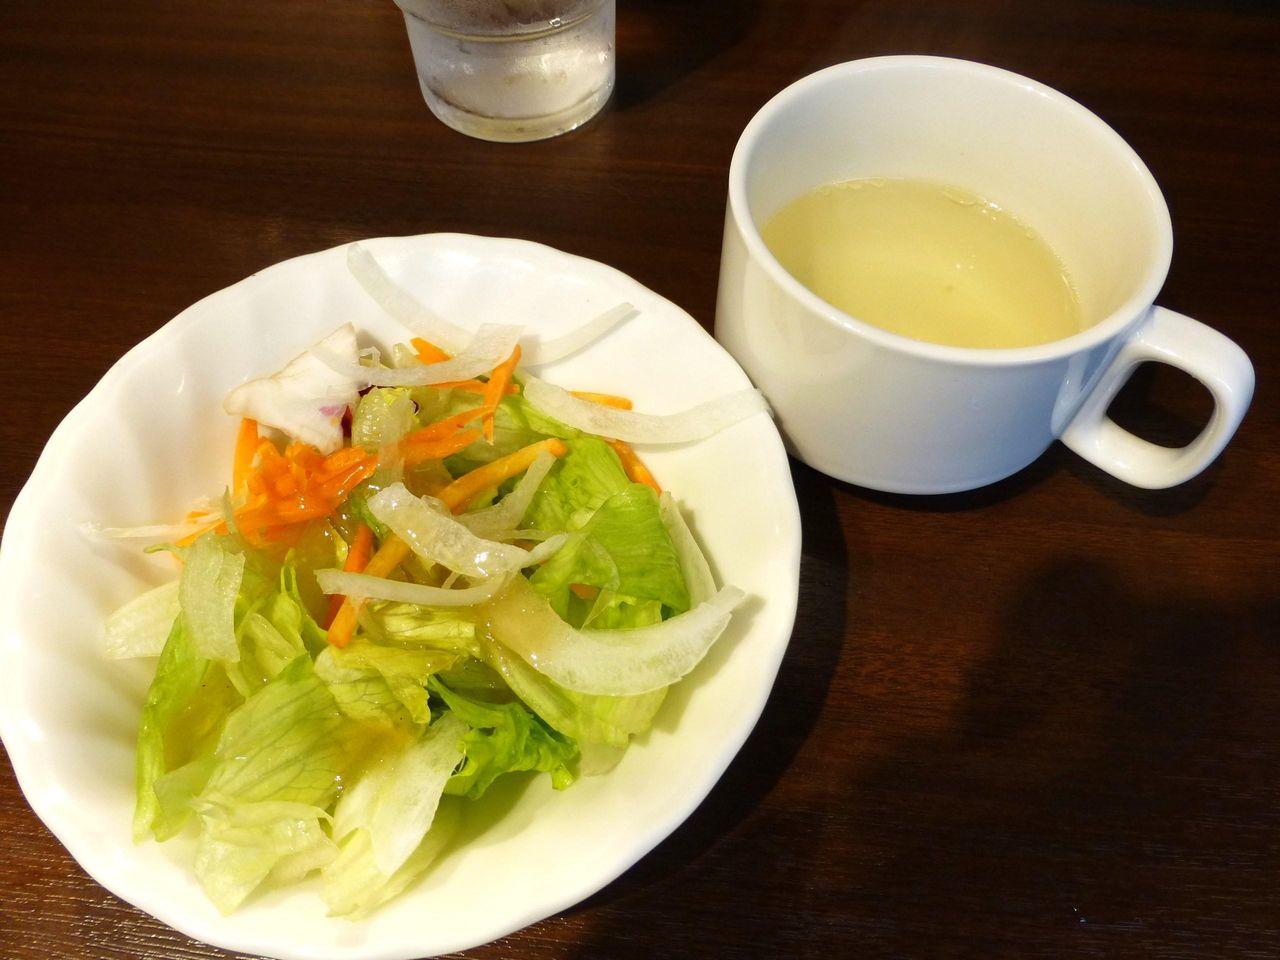 サラダとスープ付きですが、スープが少なすぎます!